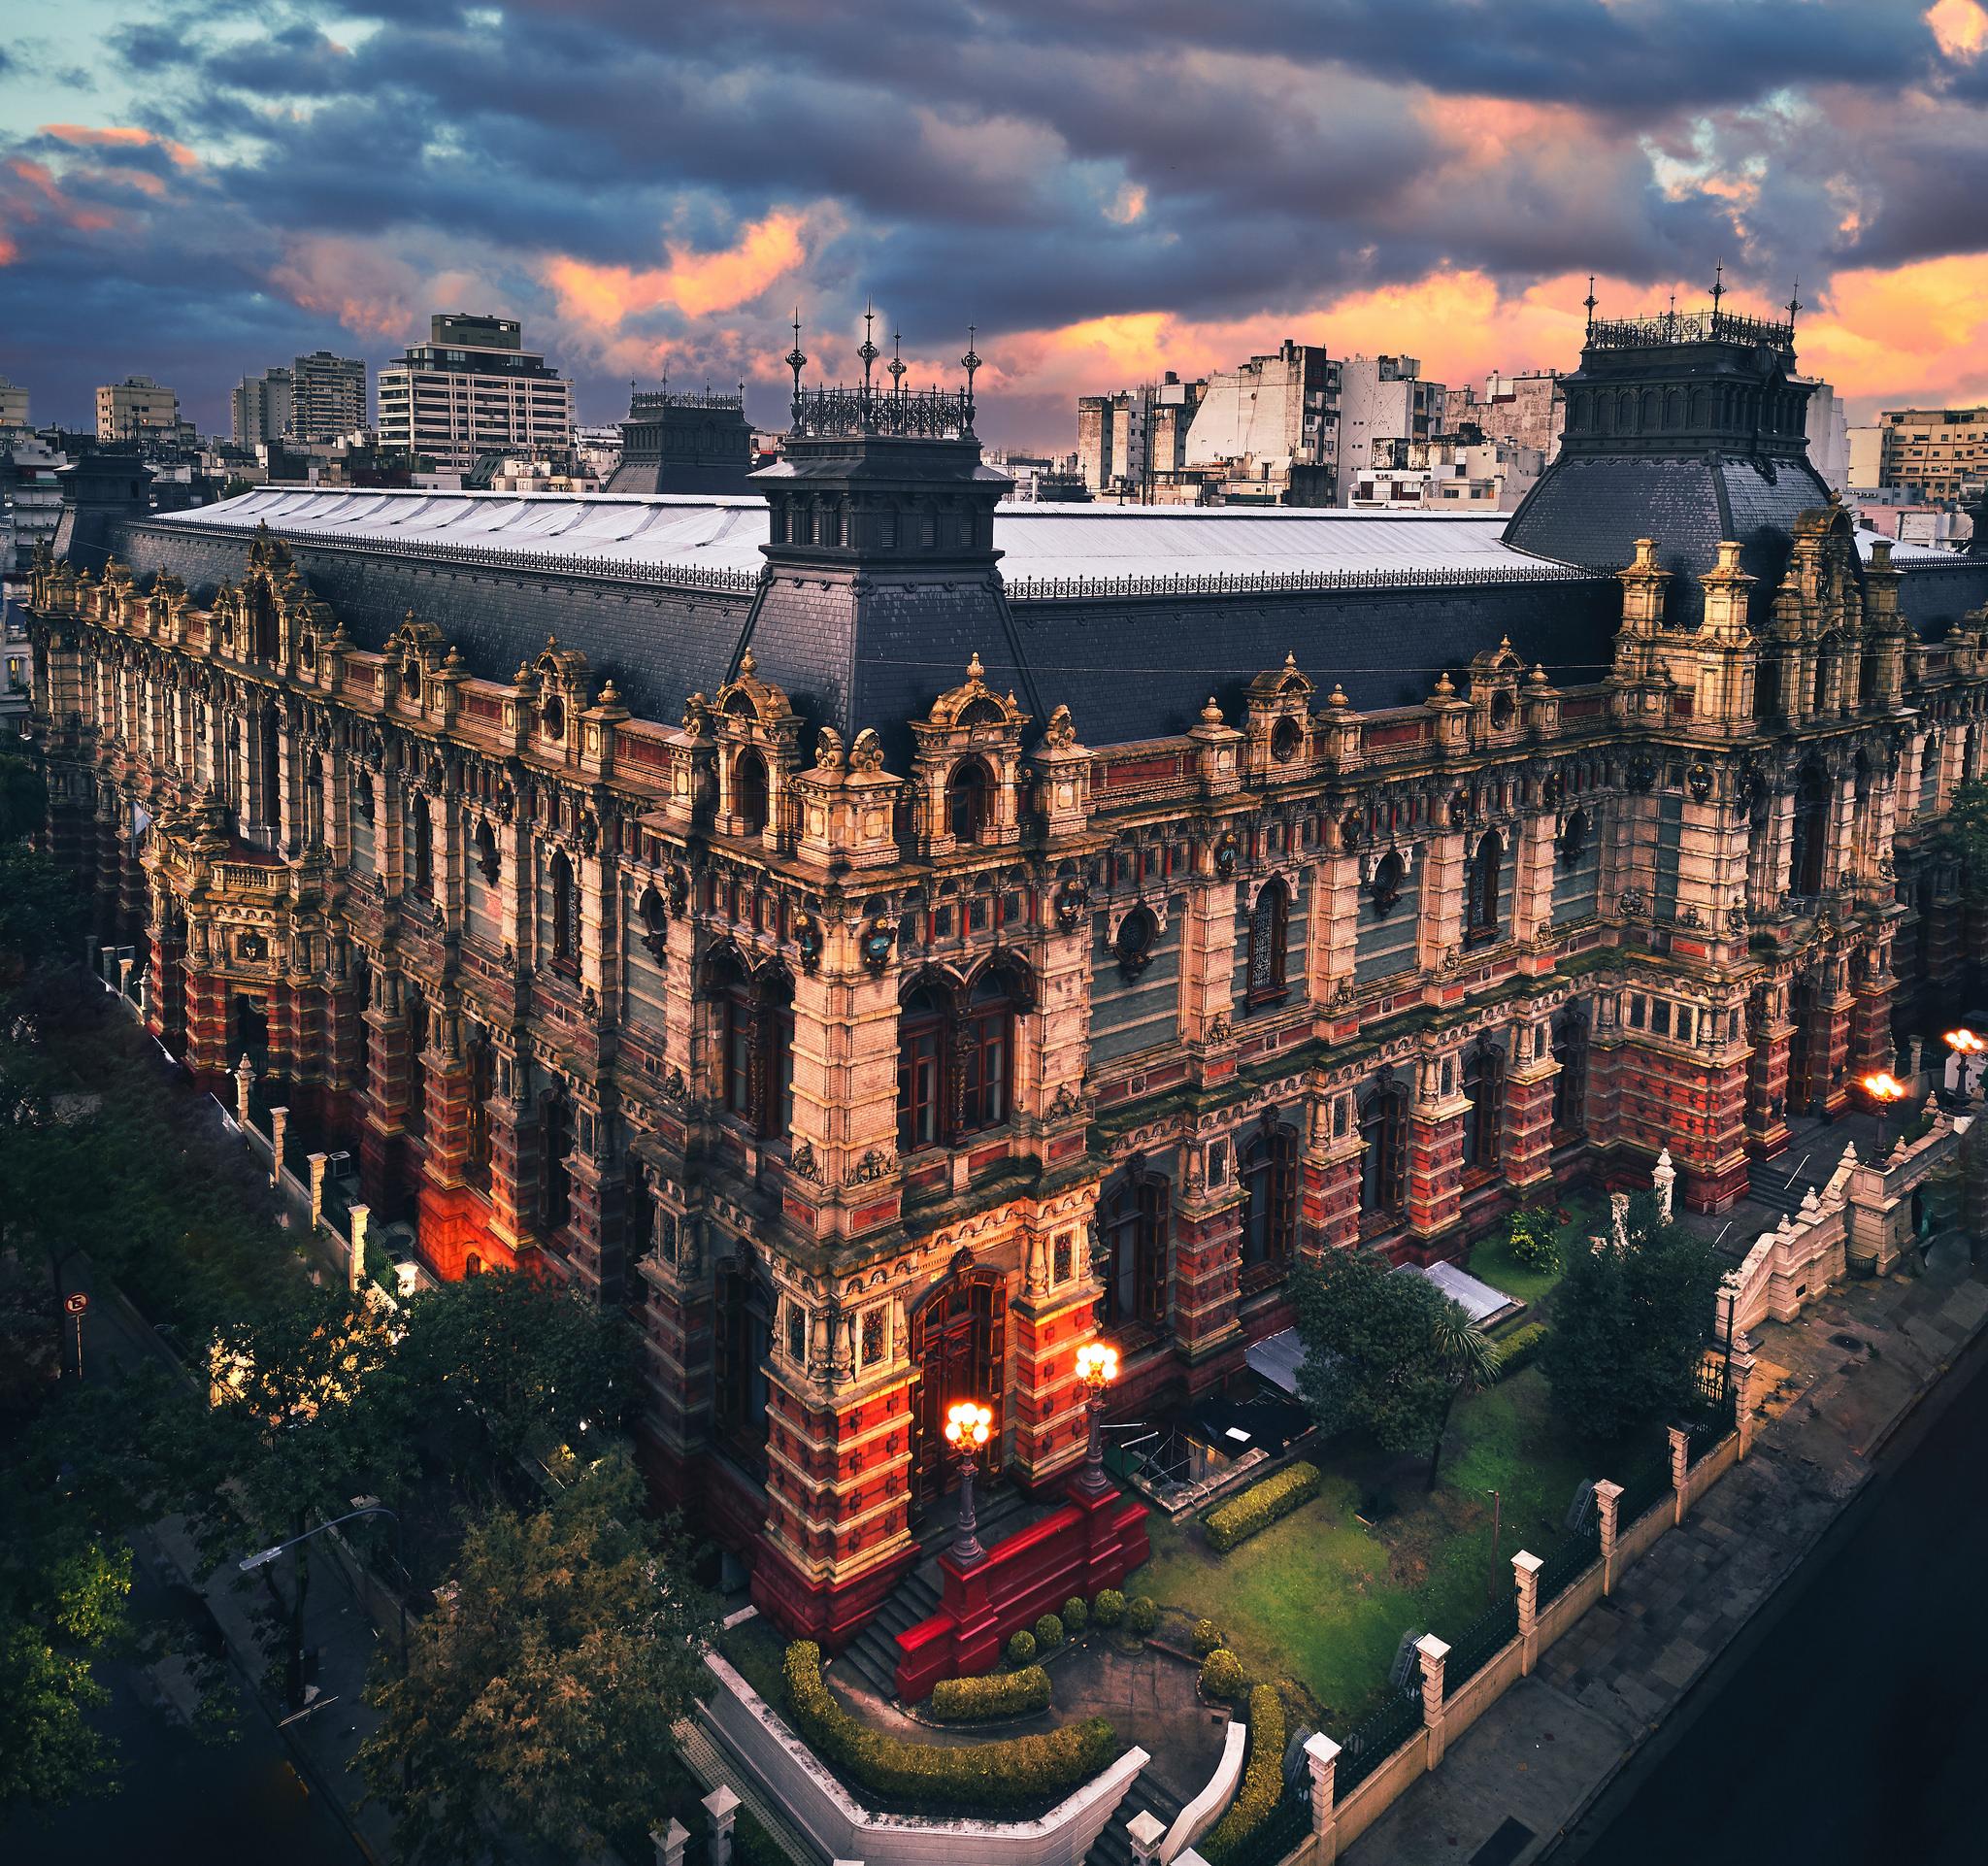 Palácio de Aguas Corrientes